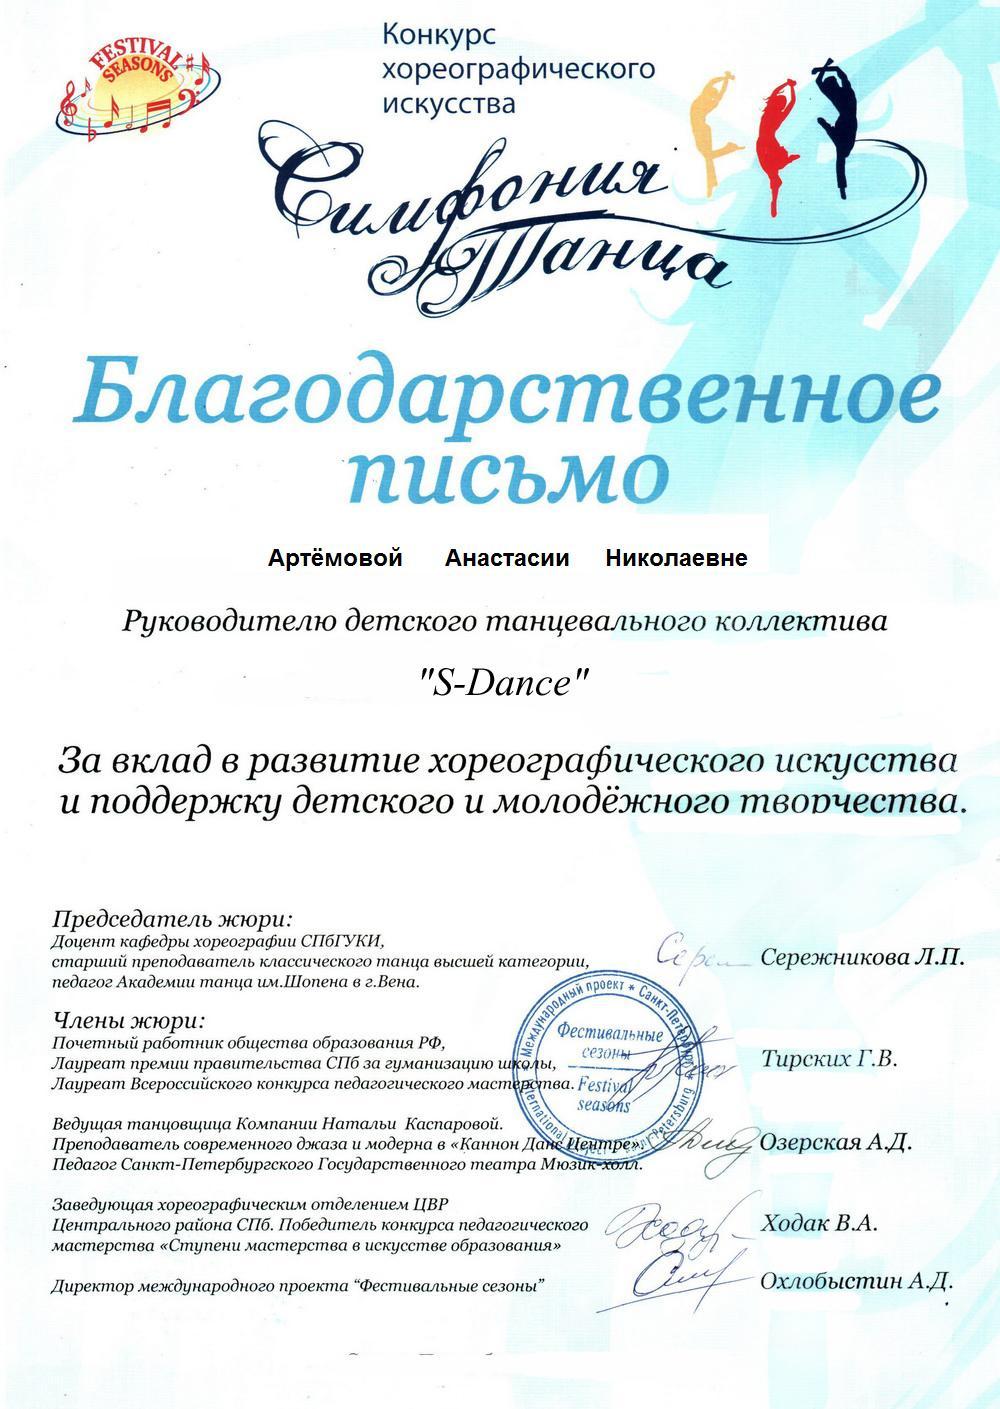 Поздравление выпускникам танцевальной студии